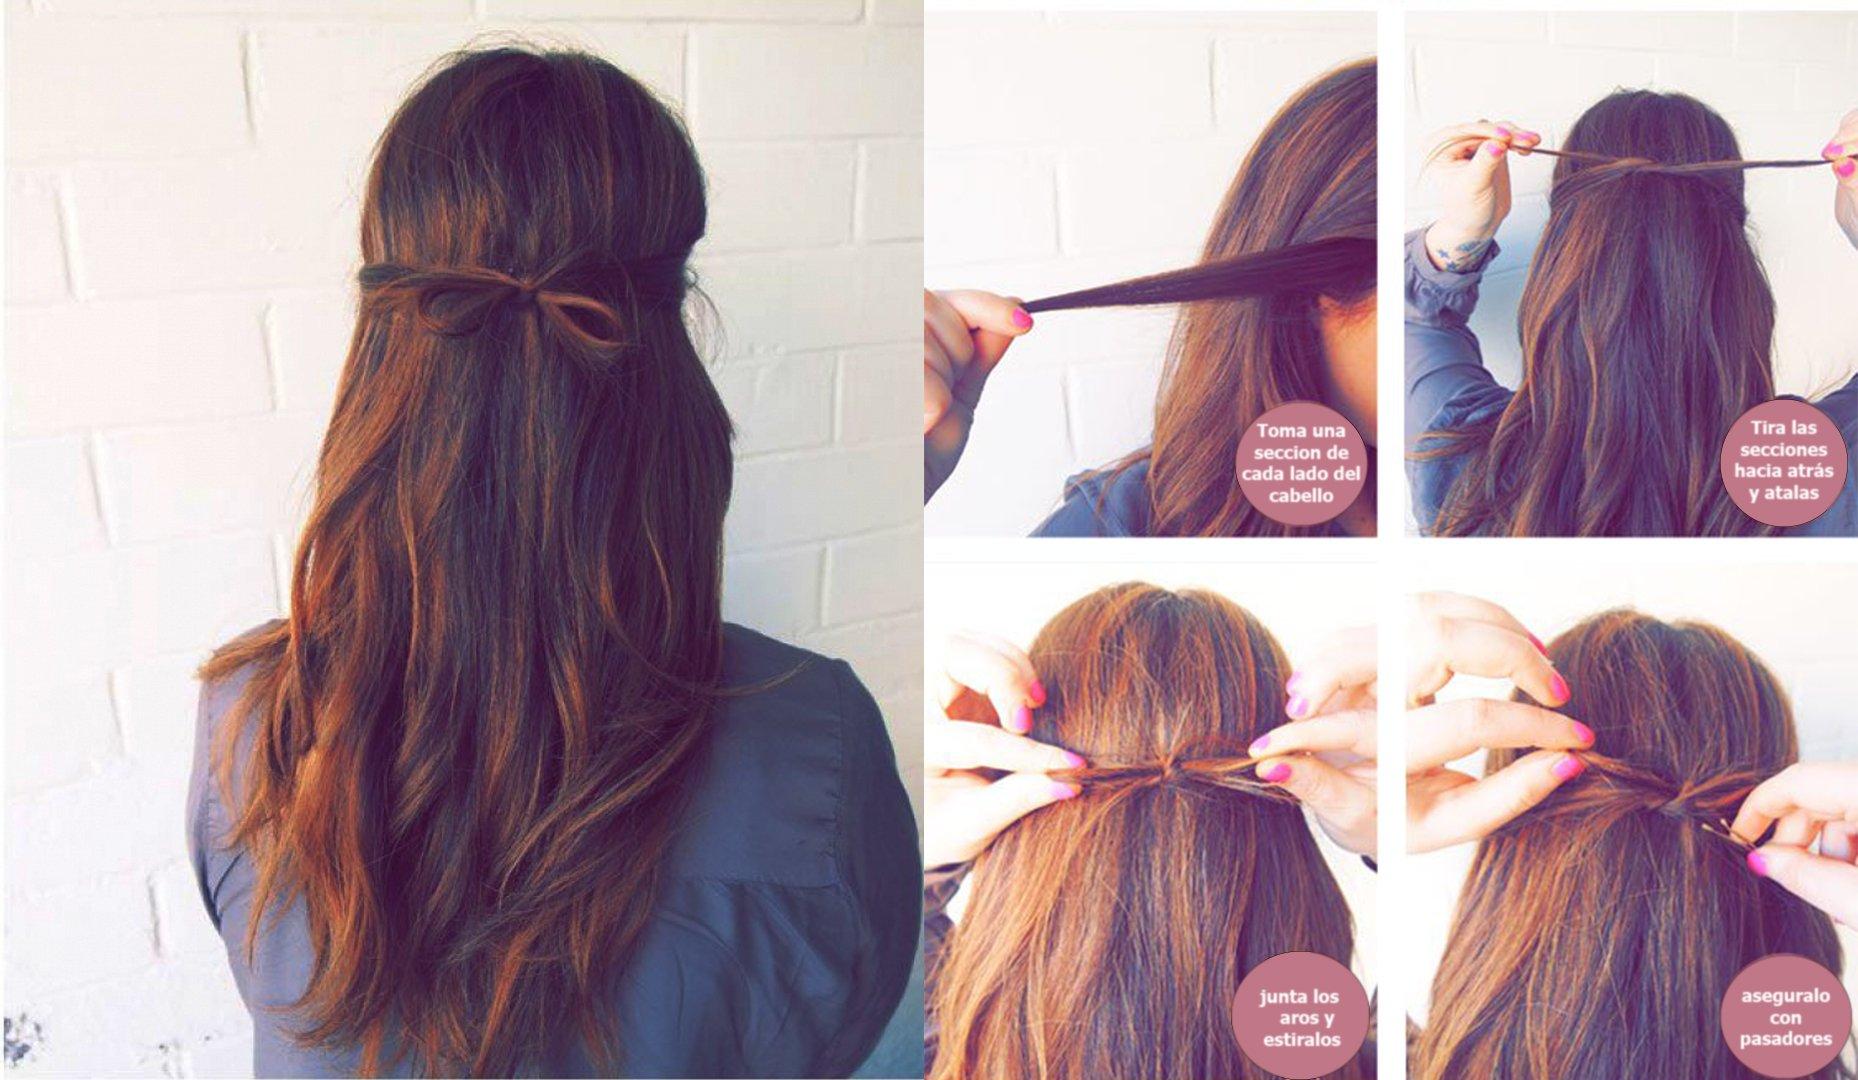 19 Peinados Faciles Y Rapidos Que Puedes Hacer En Minutos